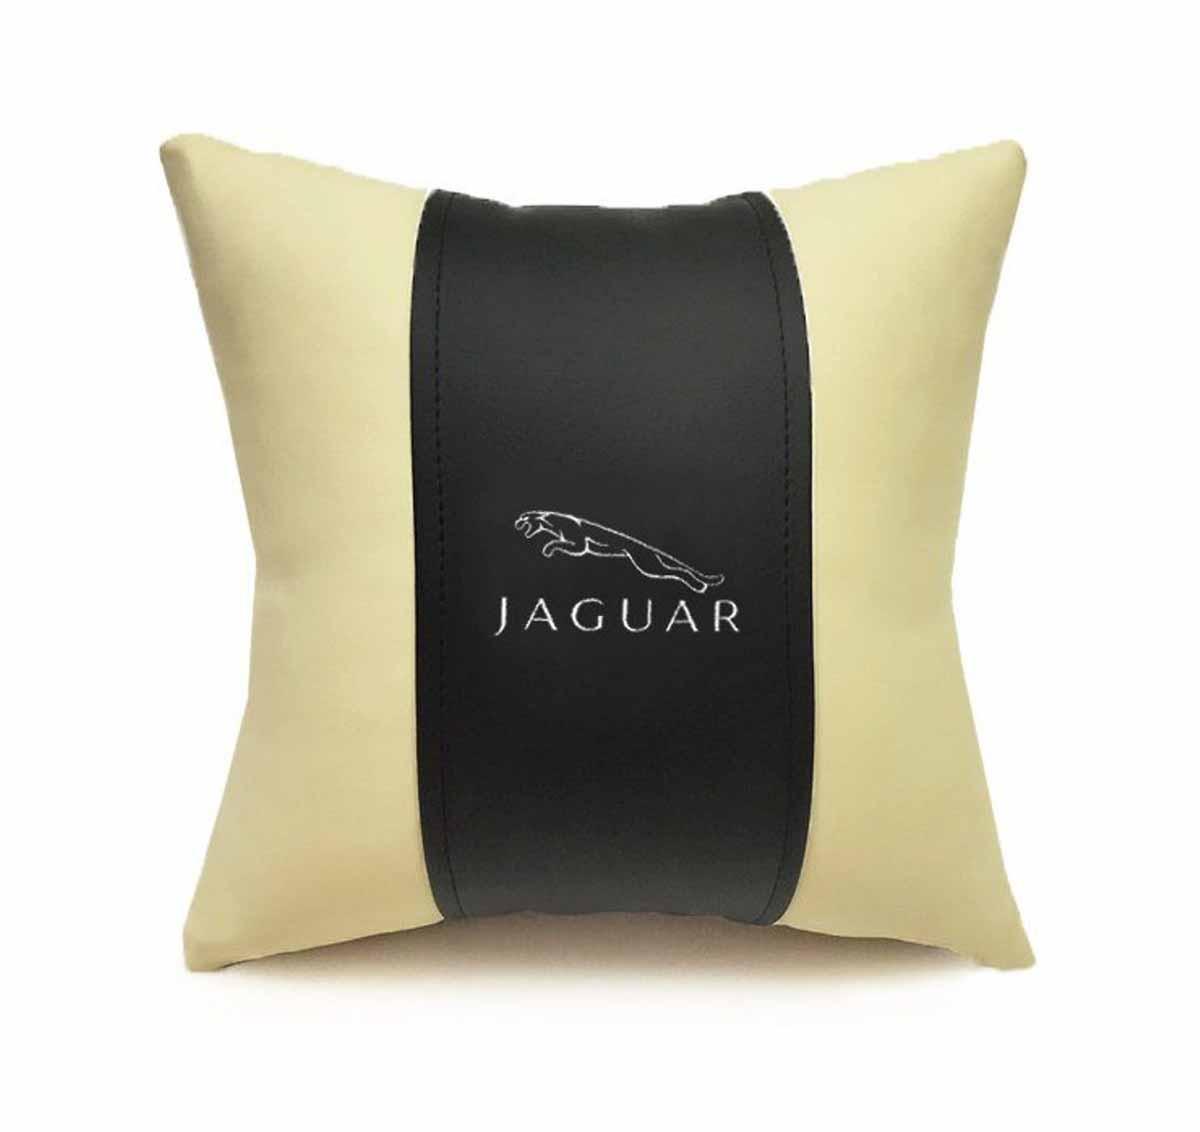 Подушка декоративная Auto premium Jaguar, цвет: черный, бежевый37072Подушка в машину с вышивкой автологотипа отличное дополнение для салона вашего авто. Мягкая подушка, изготовленная из матовой экокожи, будет удобна пассажиру. Она долго не перестанет радовать вас своим видом. Оптимальный размер подушки не загромождает салон автомобиля. Размер подушки: 30 х 30 см.